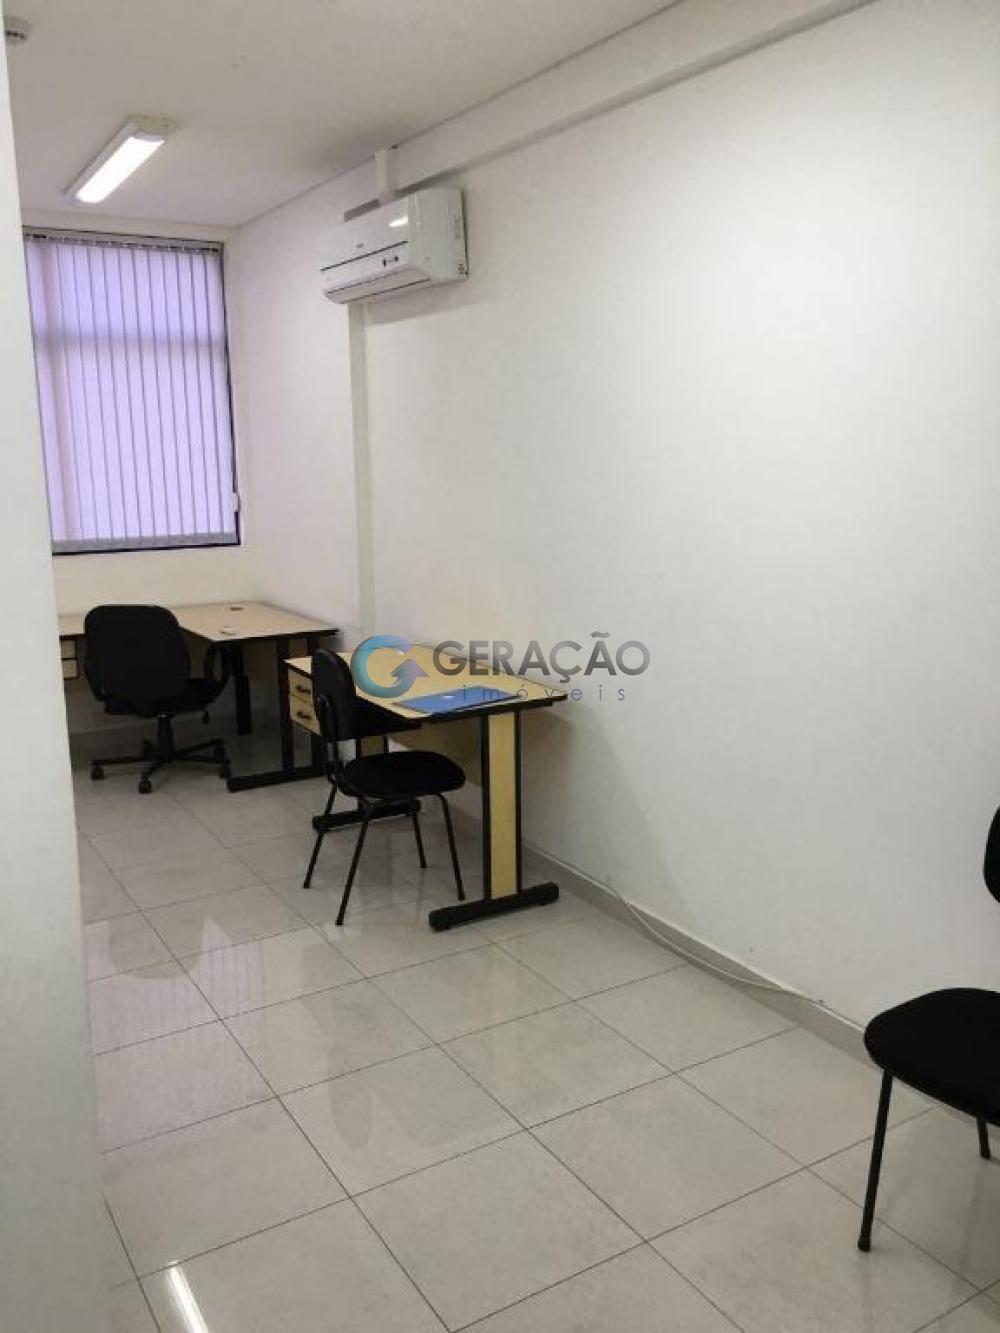 Alugar Comercial / Sala em Condomínio em São José dos Campos R$ 1.100,00 - Foto 6